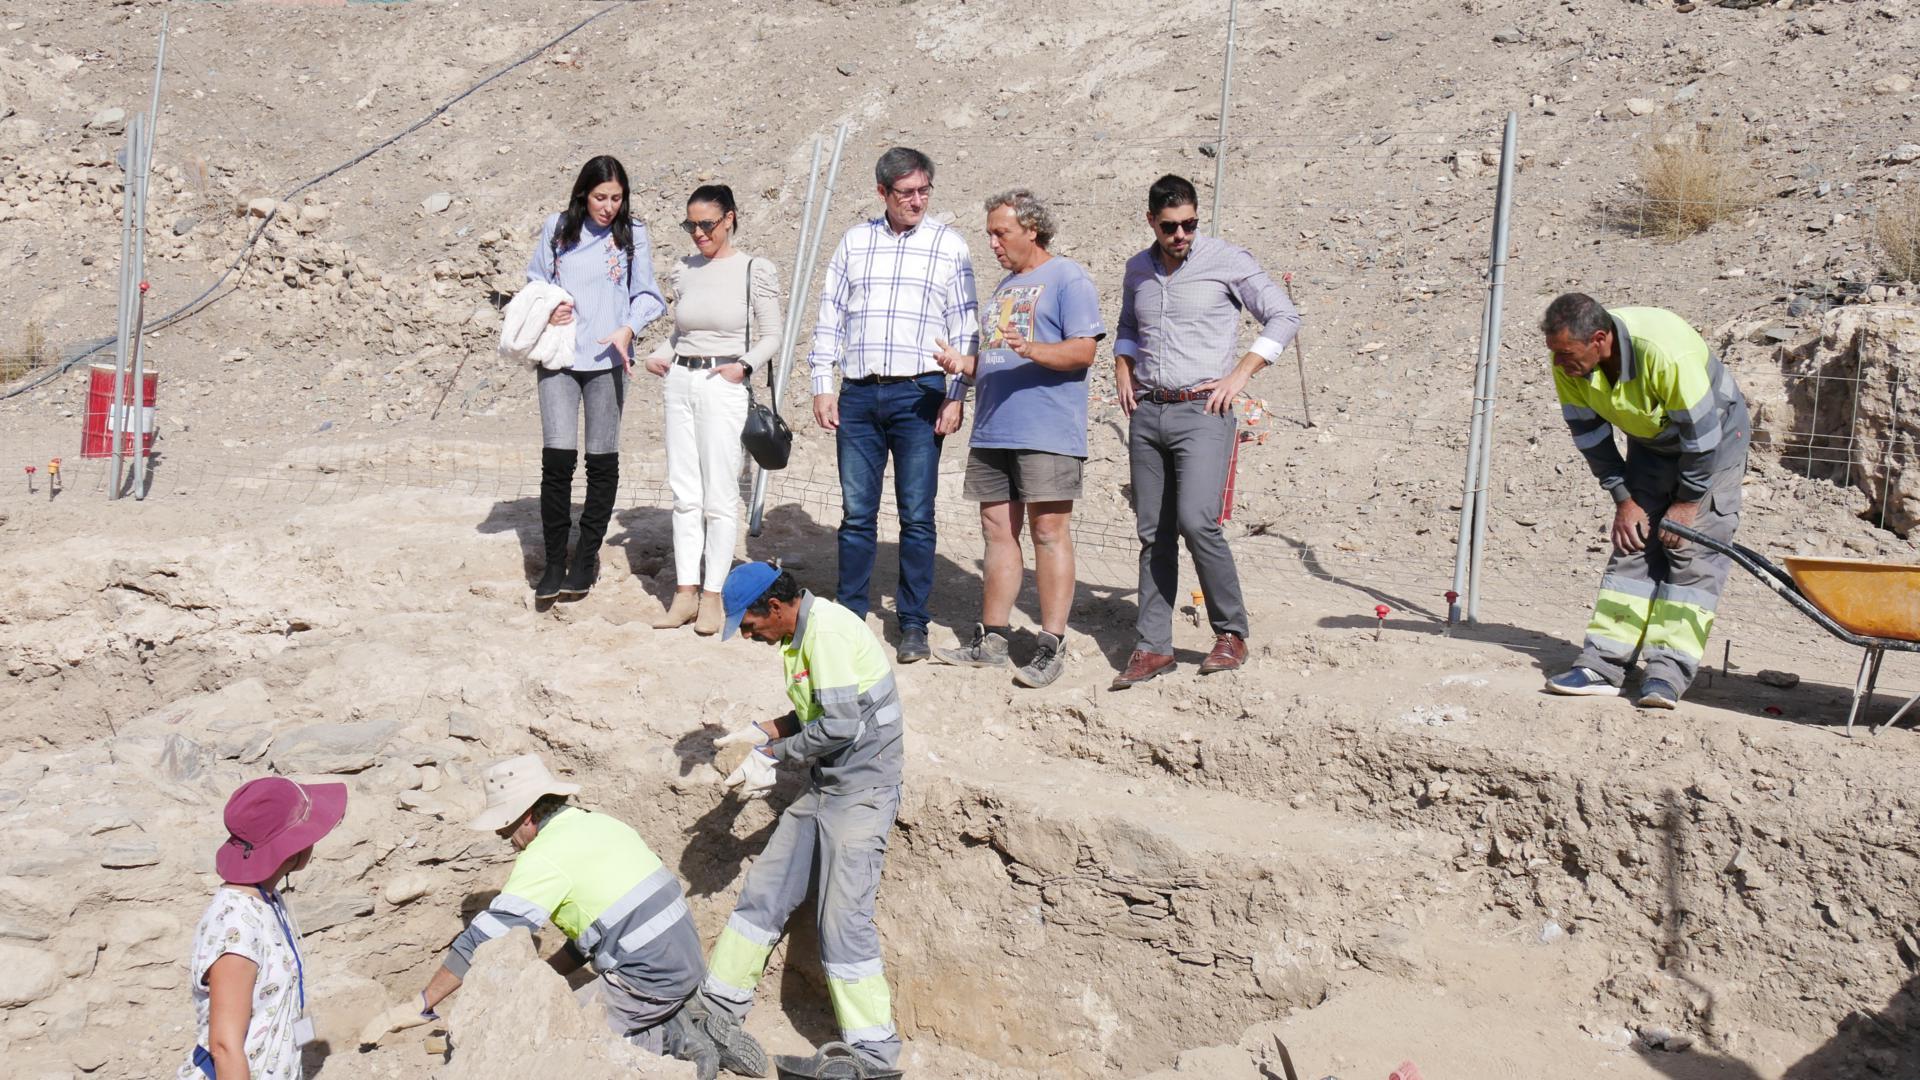 Photo of Las excavaciones en el Cerro de Montecristo descubren nuevas piletas de salazones y un horno